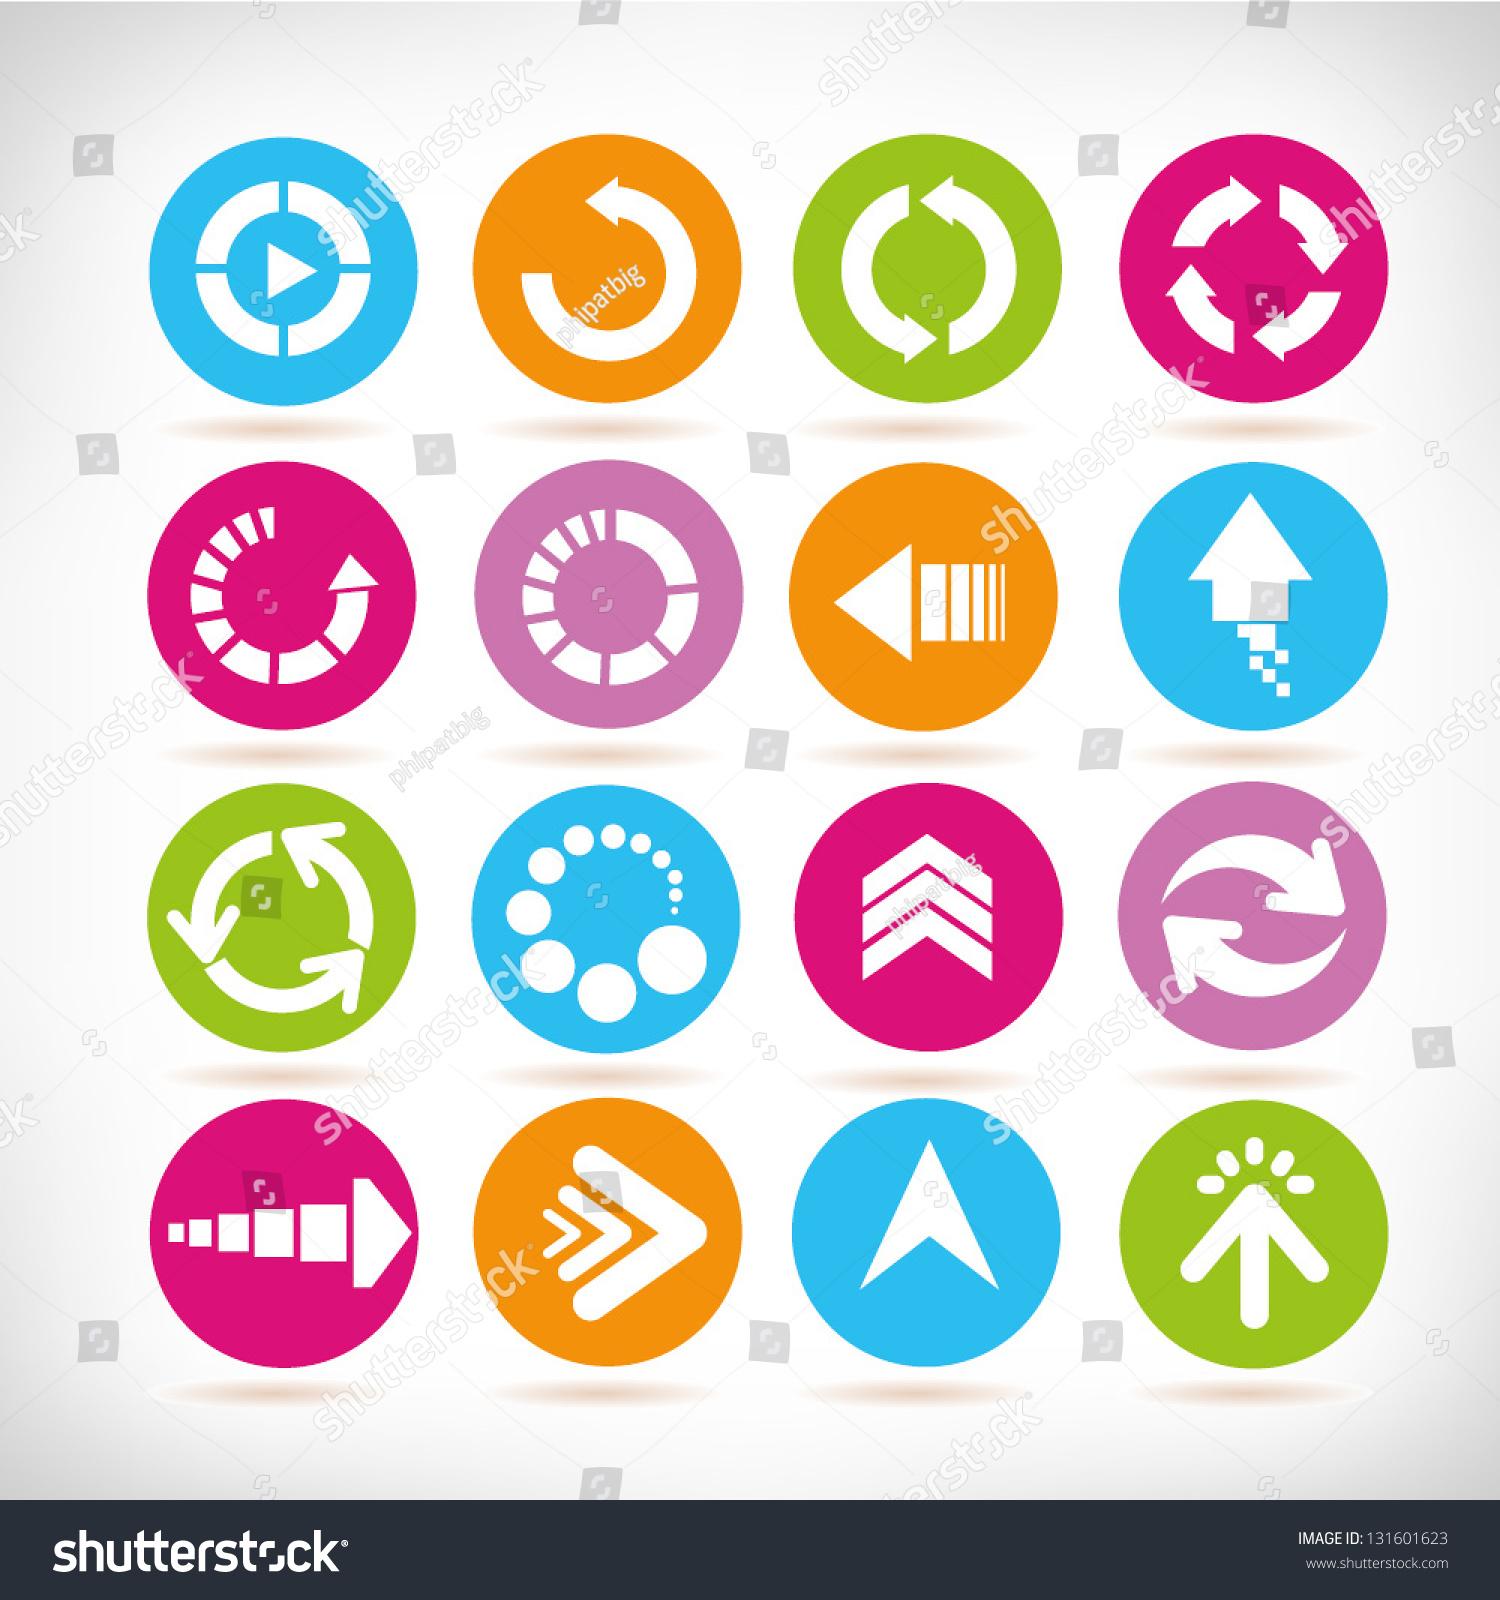 箭头符号集,加载图标,网页设计图标集